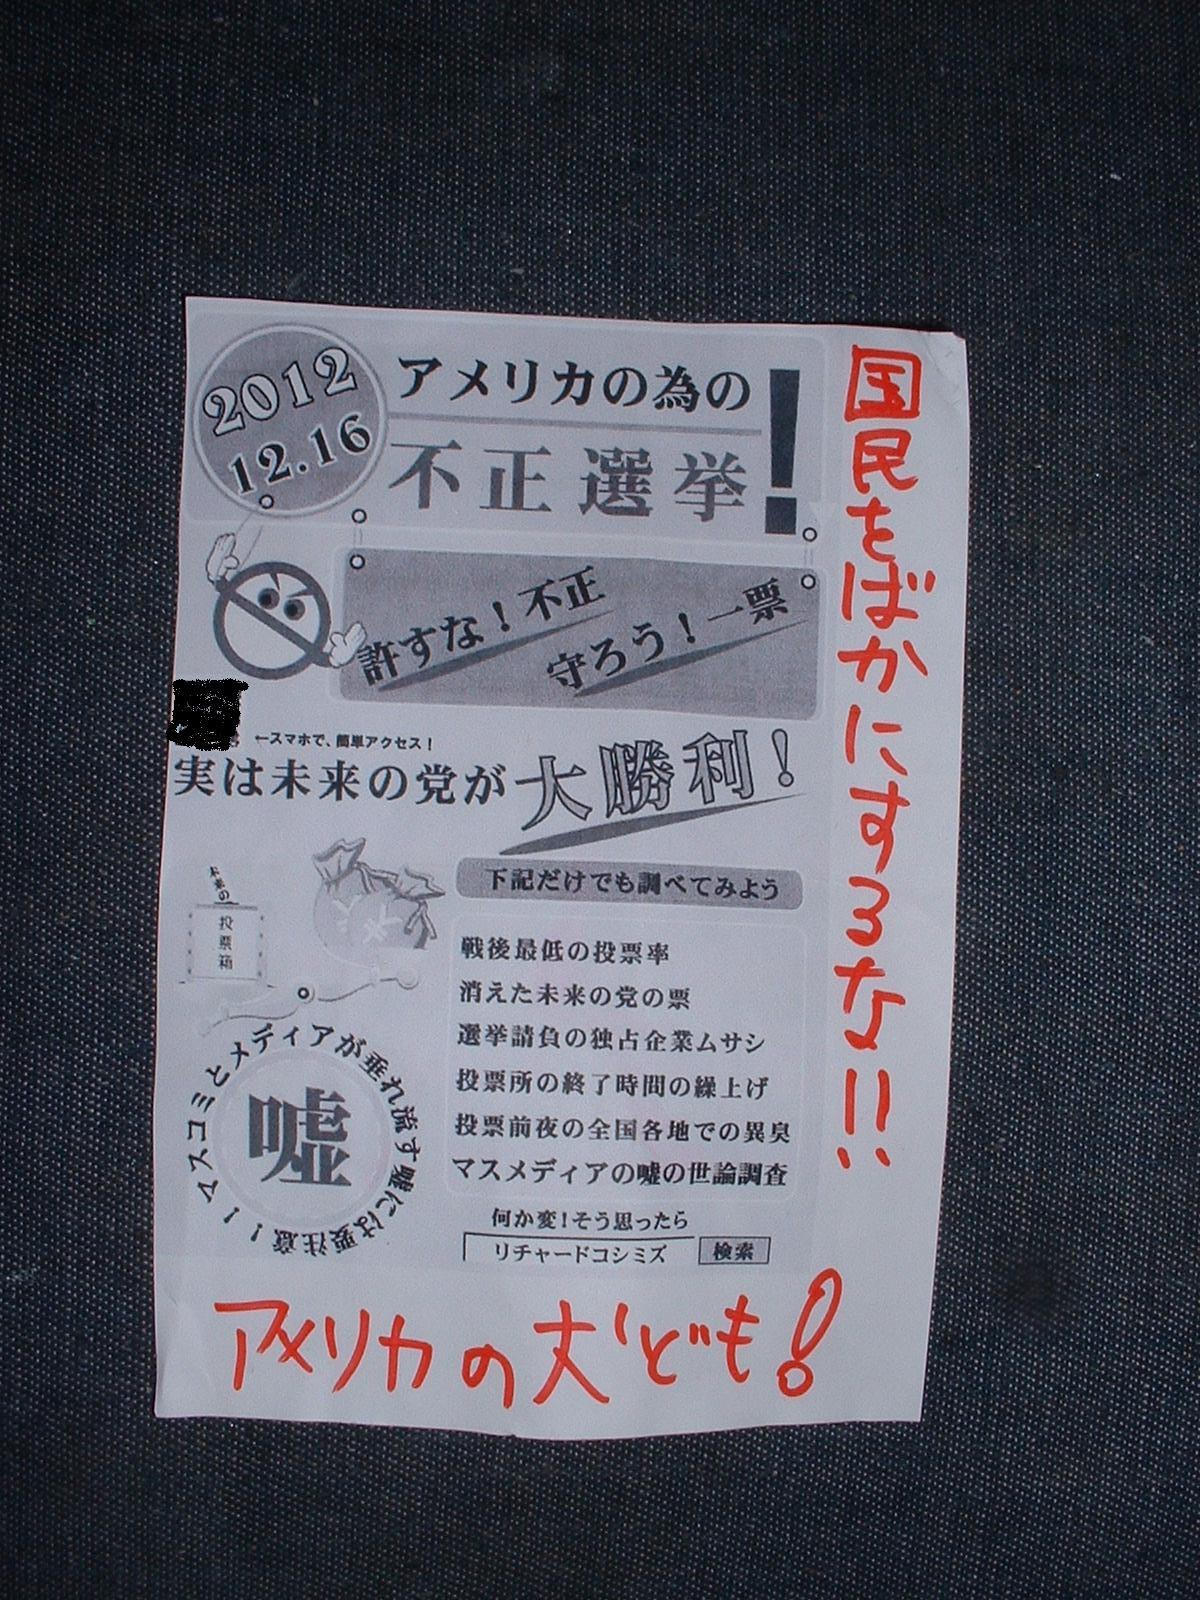 2013.01.14 の怪文書 Doburoku-TAO.JPG